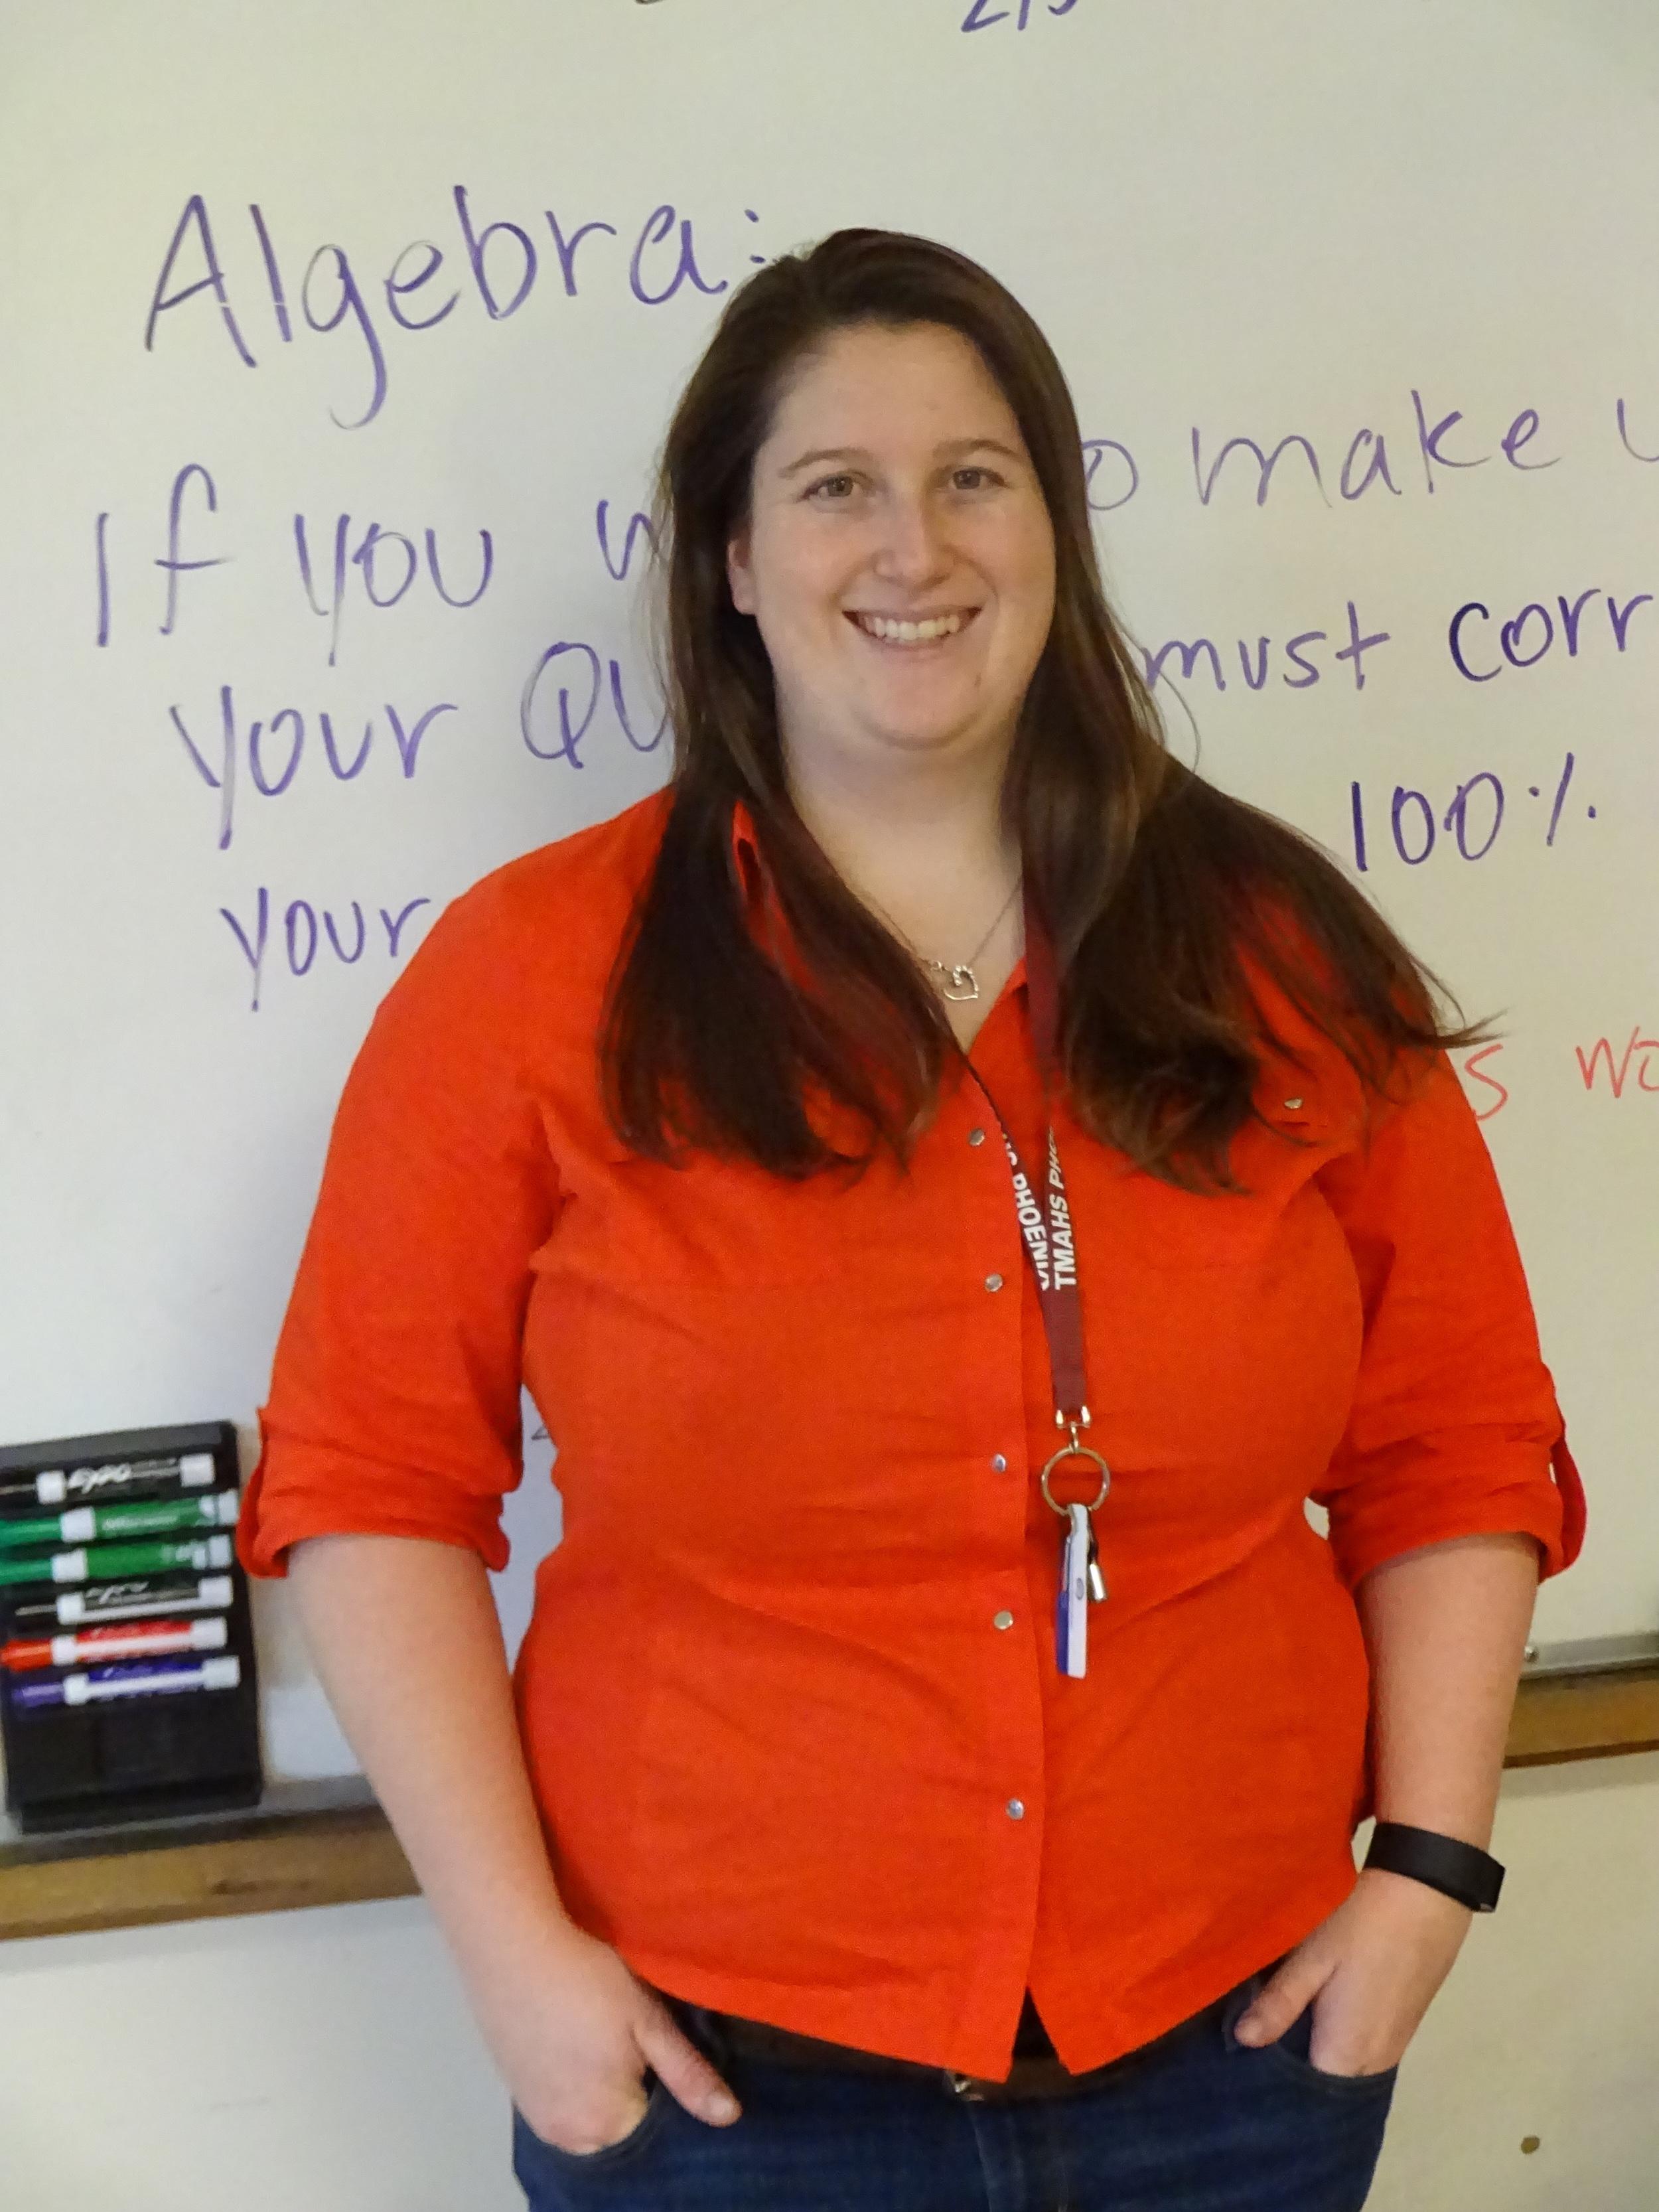 Courses: Algebra I, Geometry - Languages Spoken: English, Spanish